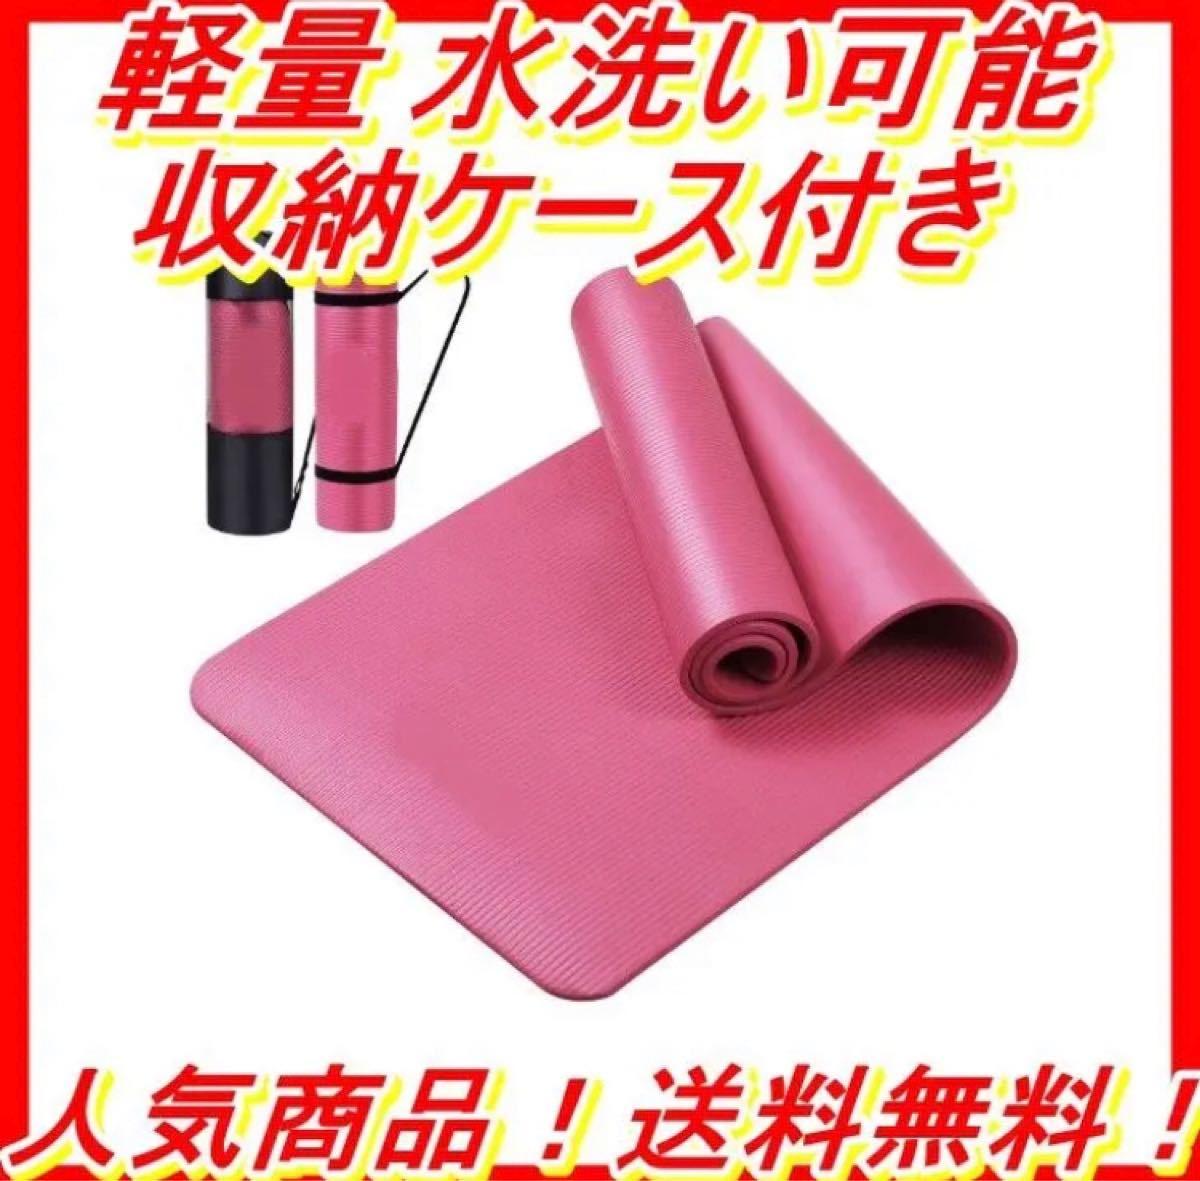 ヨガマット 10mm トレーニングマット 軽量 水洗い可能 収納ケース付き レッド色